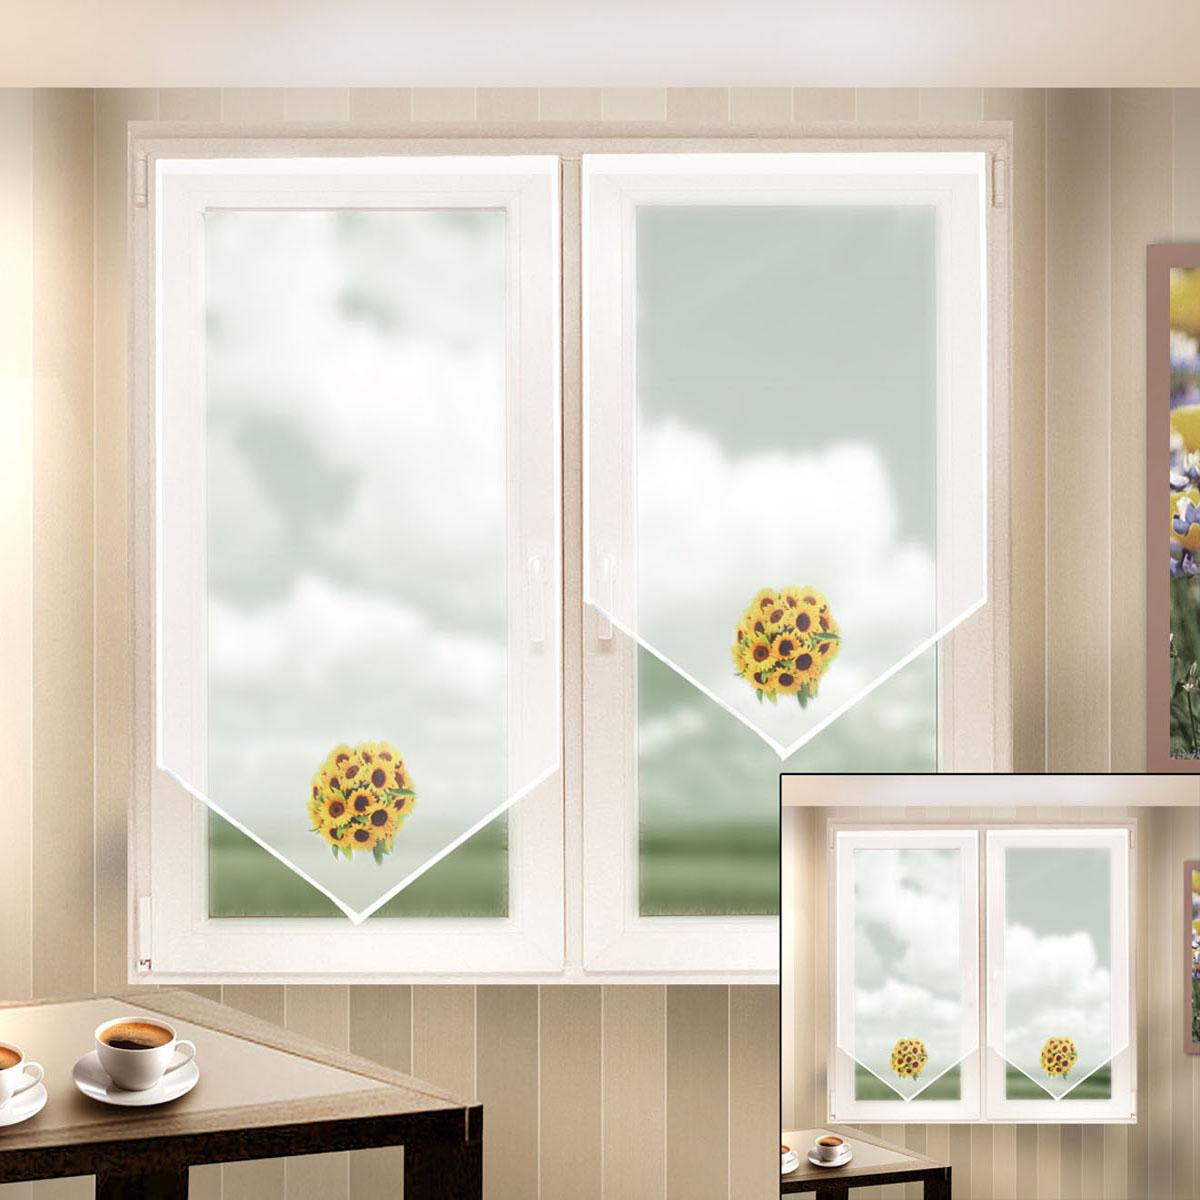 Гардина Zlata Korunka, цвет: белый, высота 140 см. 666055666055Шторы из материала вуаль, для кухни, белого цвета с печатным рисунком. Крепление на липкой ленте, не требующее сверления стен и карниза. Многоразовое и мгновенное крепление. Штора 2 шт.- шир.60 х выс.140 Размеры: (ширина 60* высота 140)*2